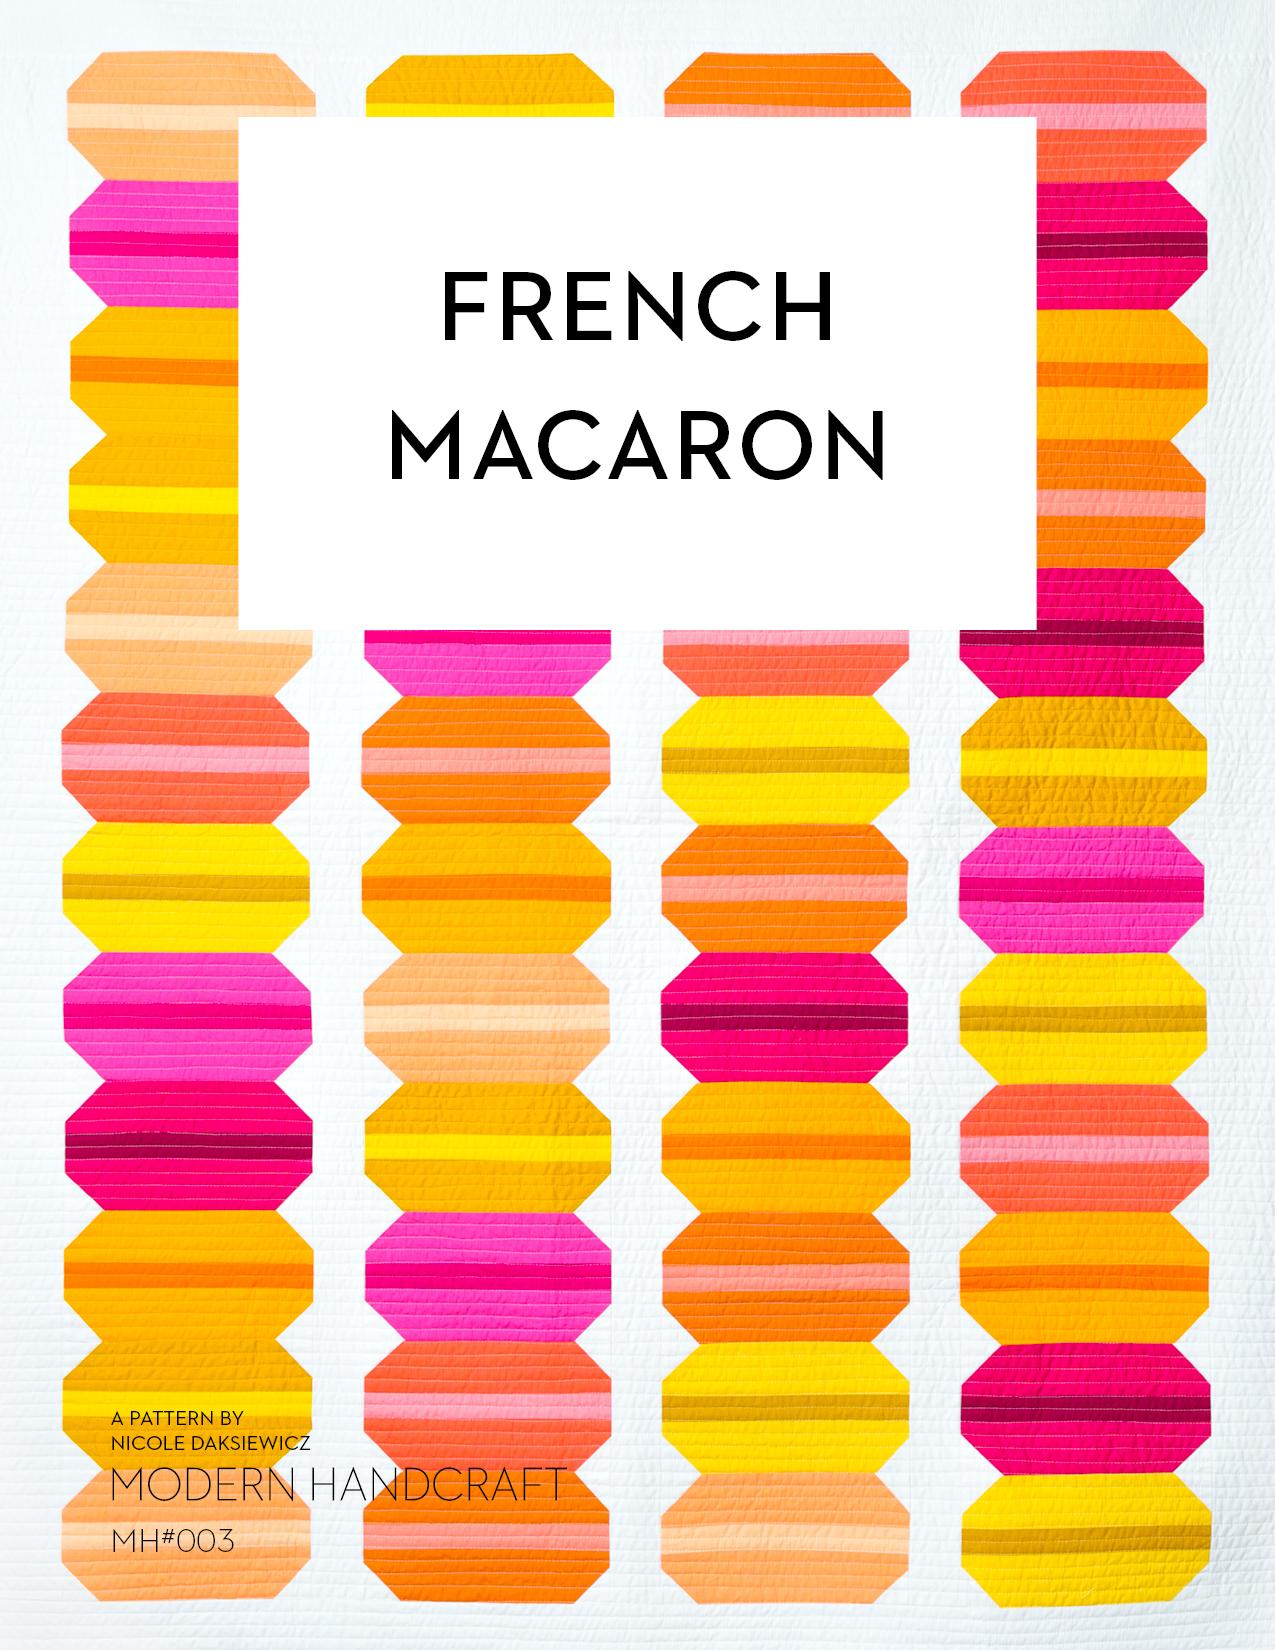 Modern Handcraft French Macaron Quilt